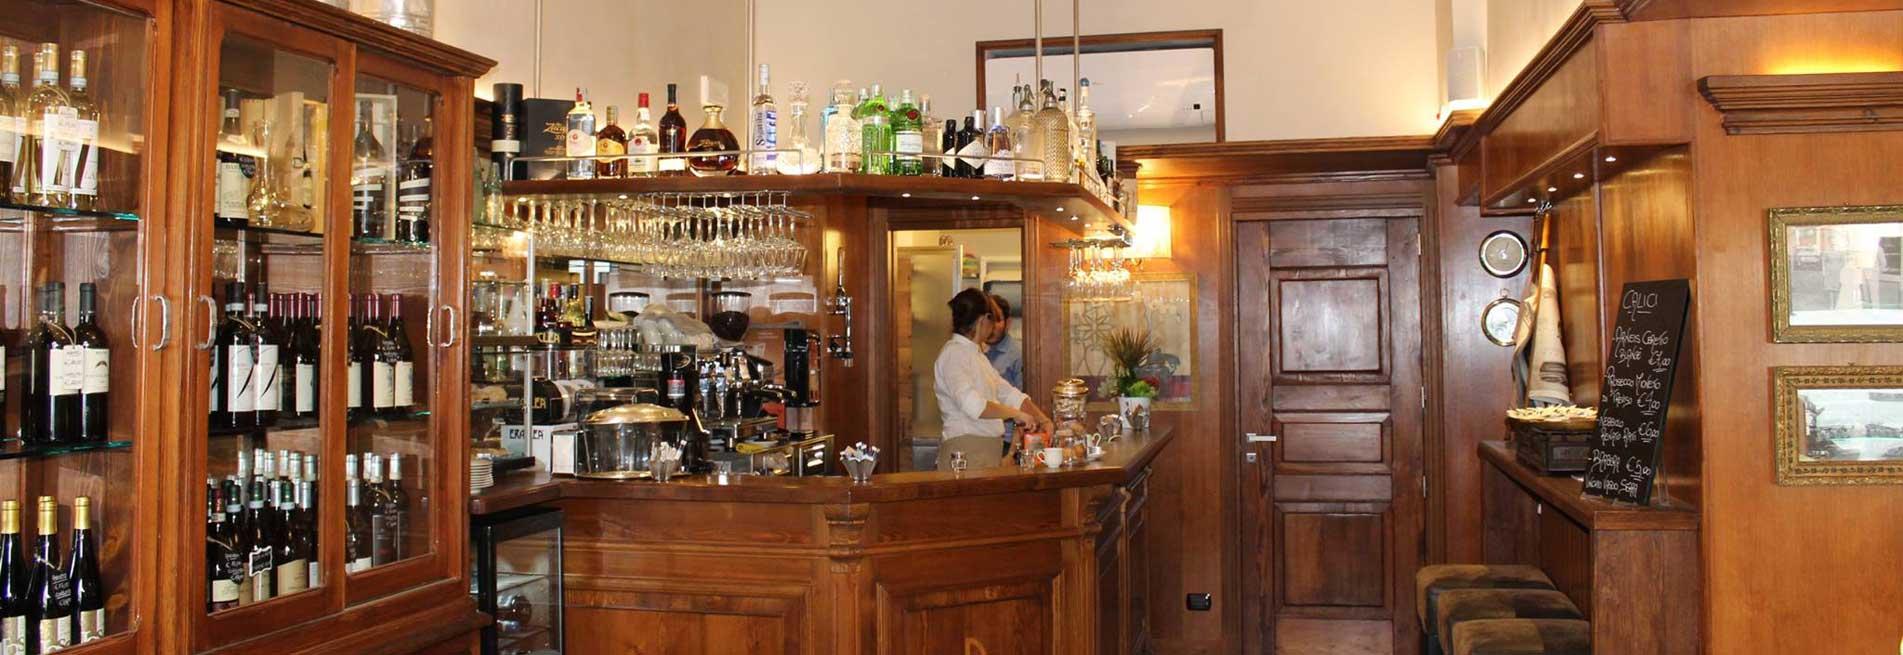 Caffetteria e Bistrot Pietrini Susa, Torino